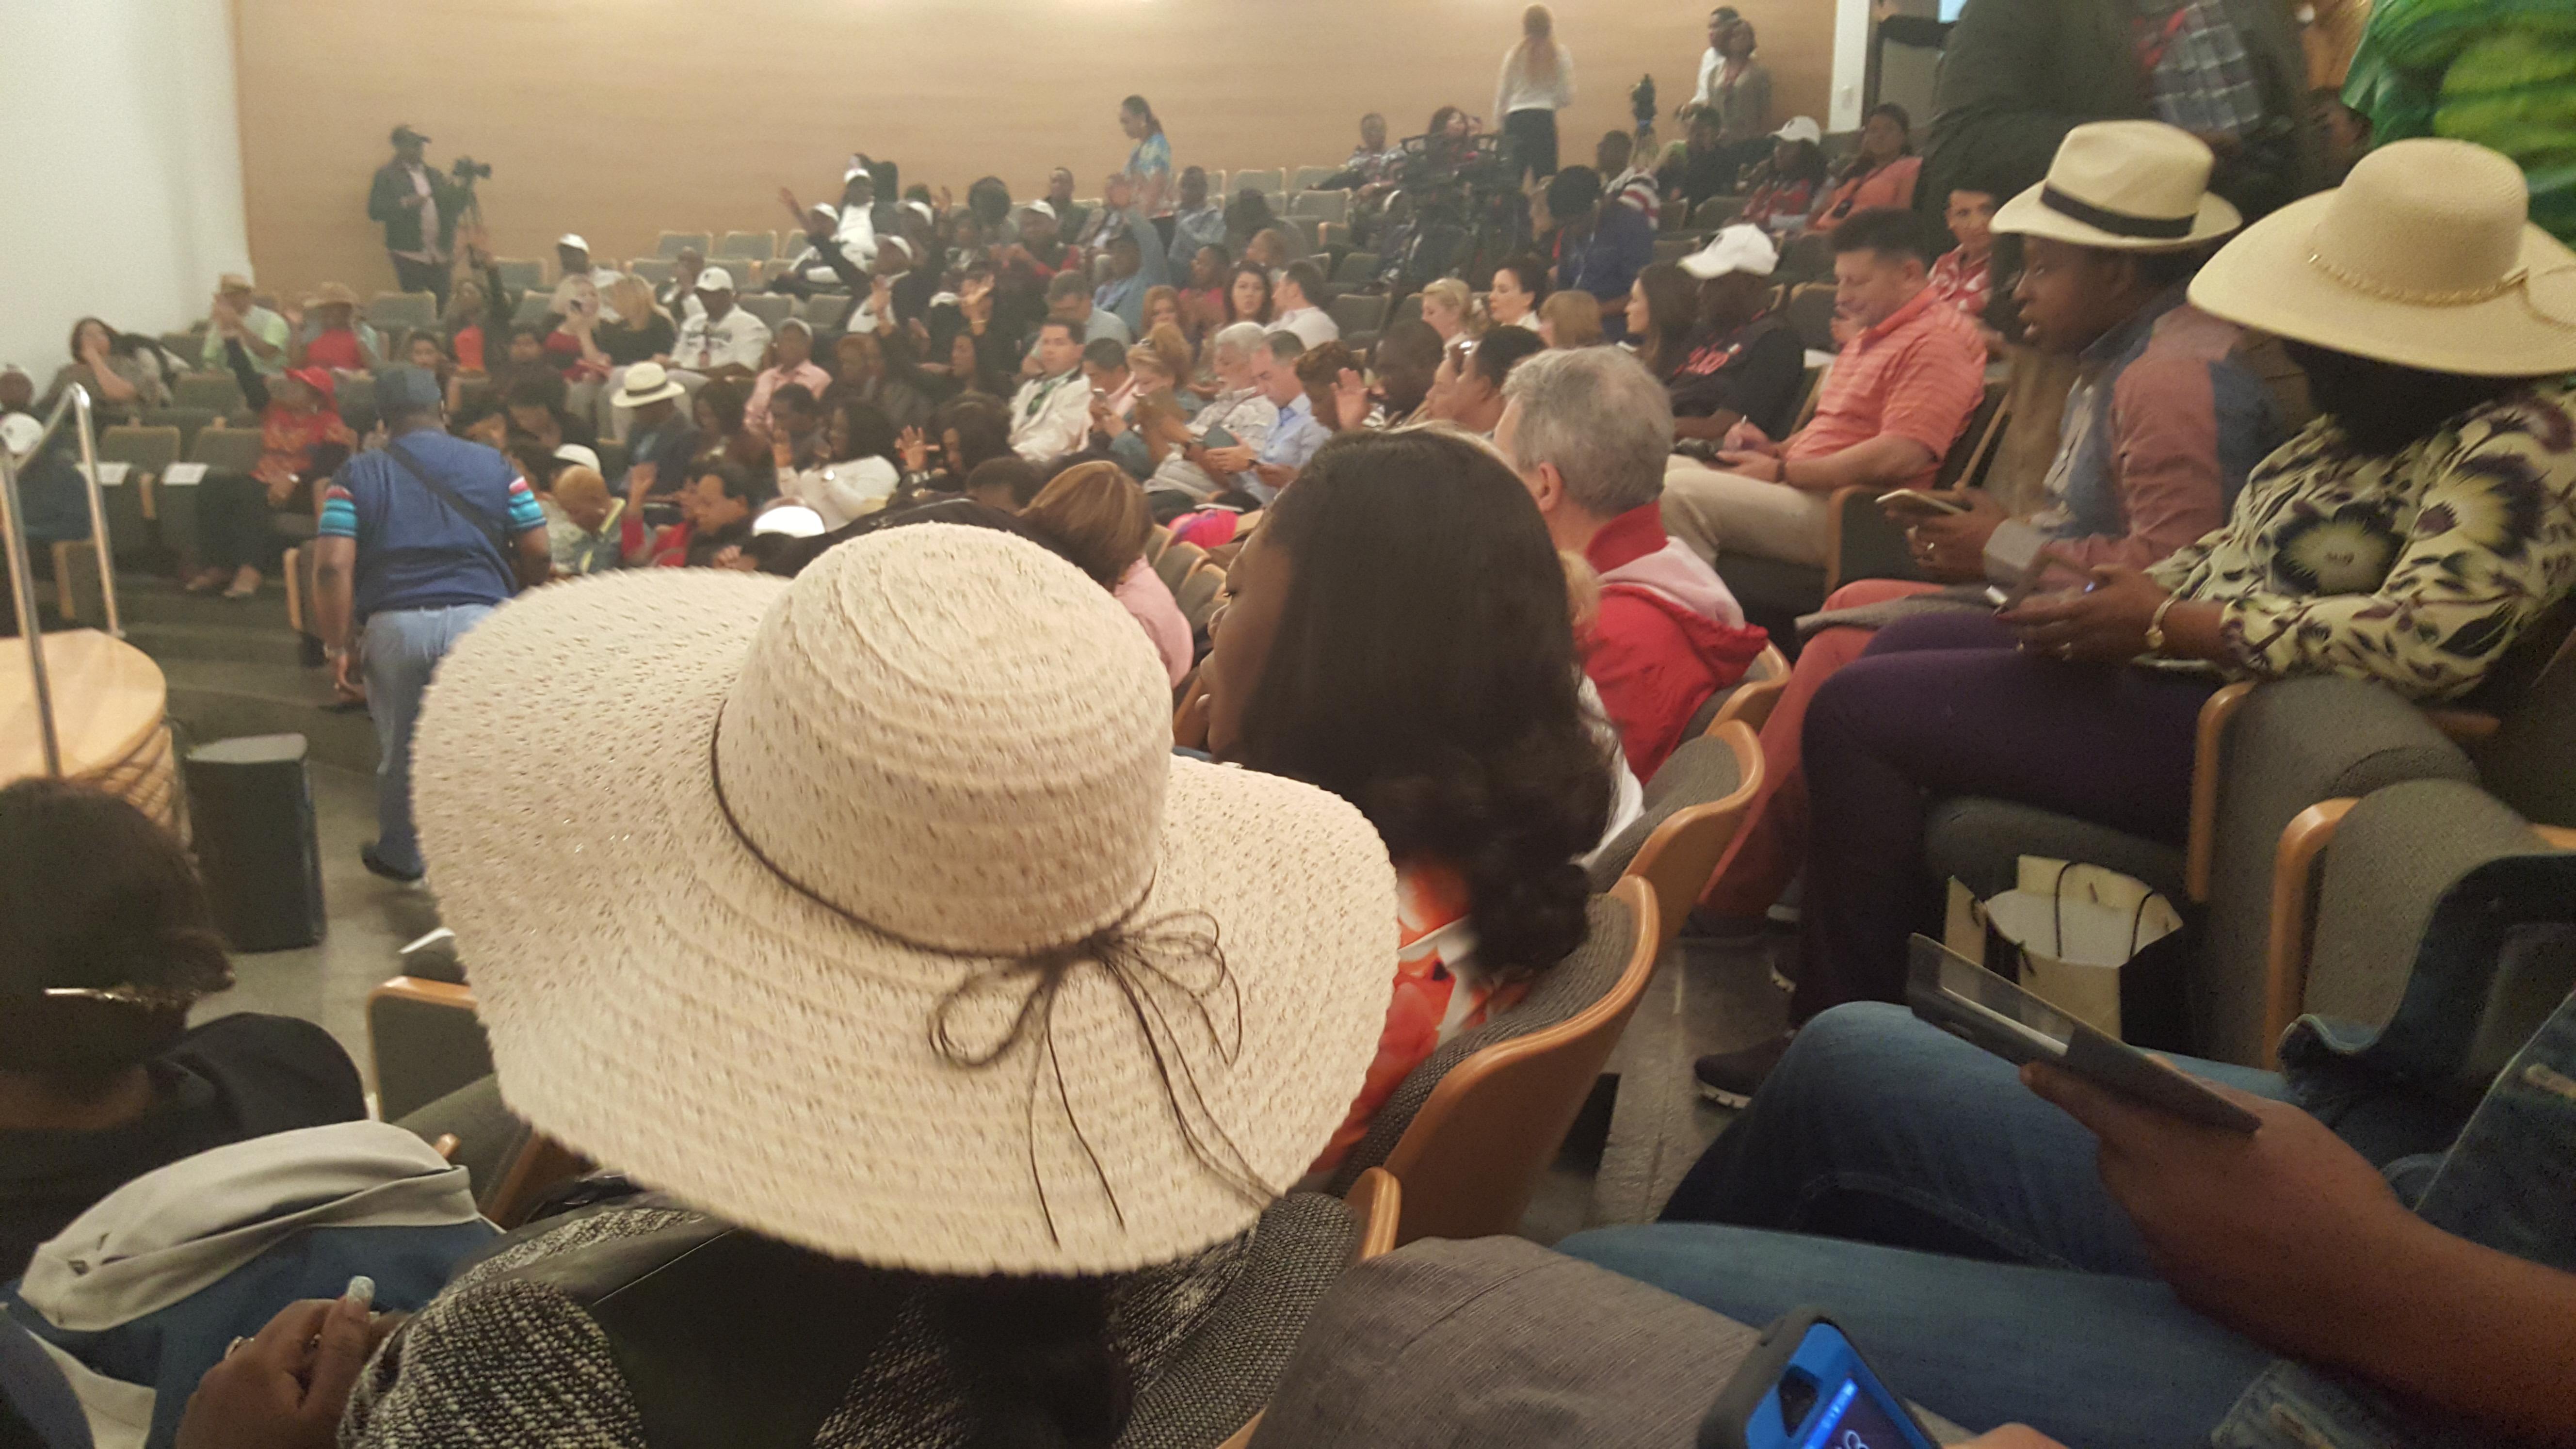 At the Van Leer Auditorium